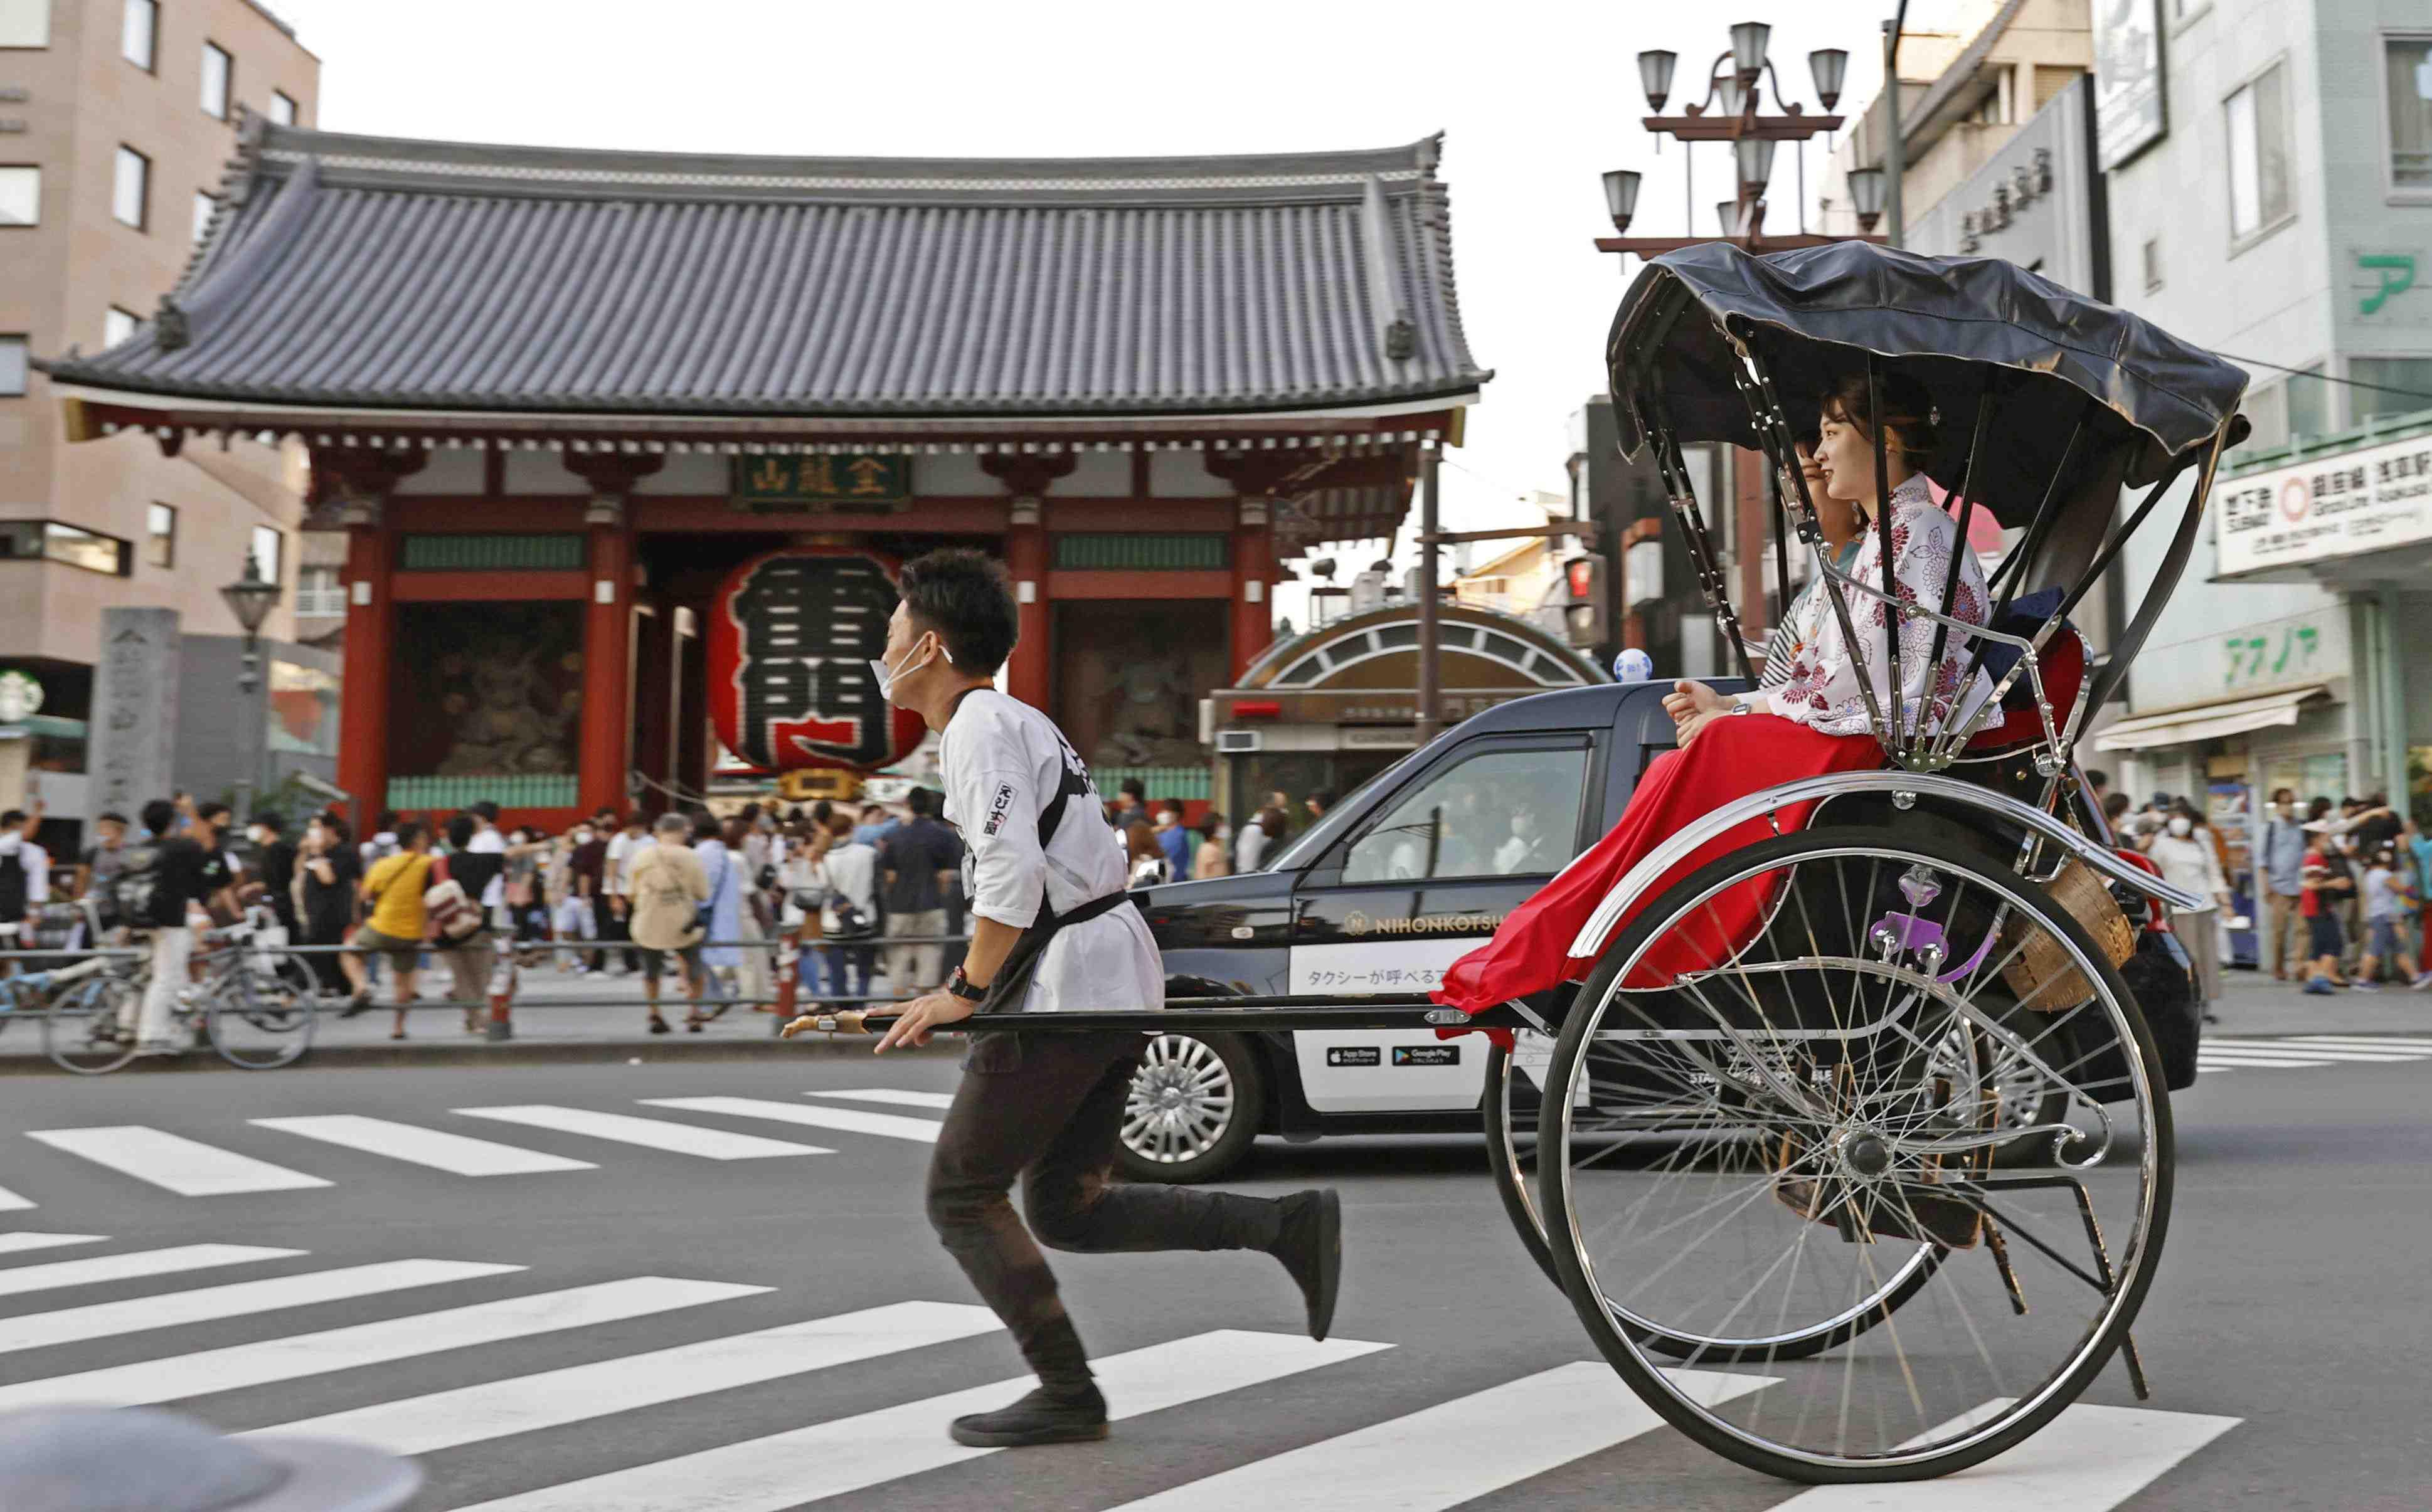 Japan Tourism Asakusa Kaminarimon Go To Travel 008